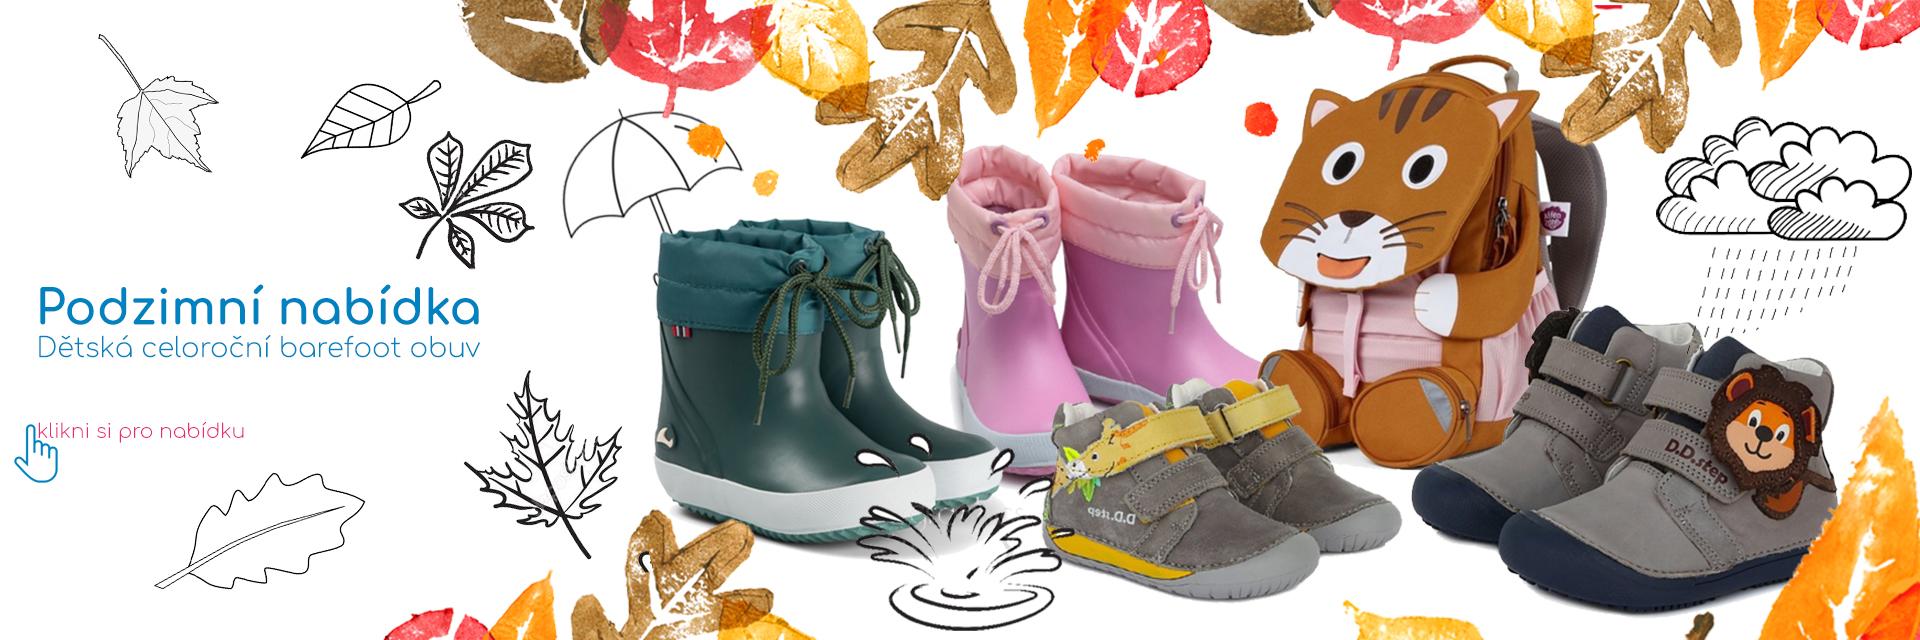 Podzimní nabídka celoroční dětské barefoot obuvi